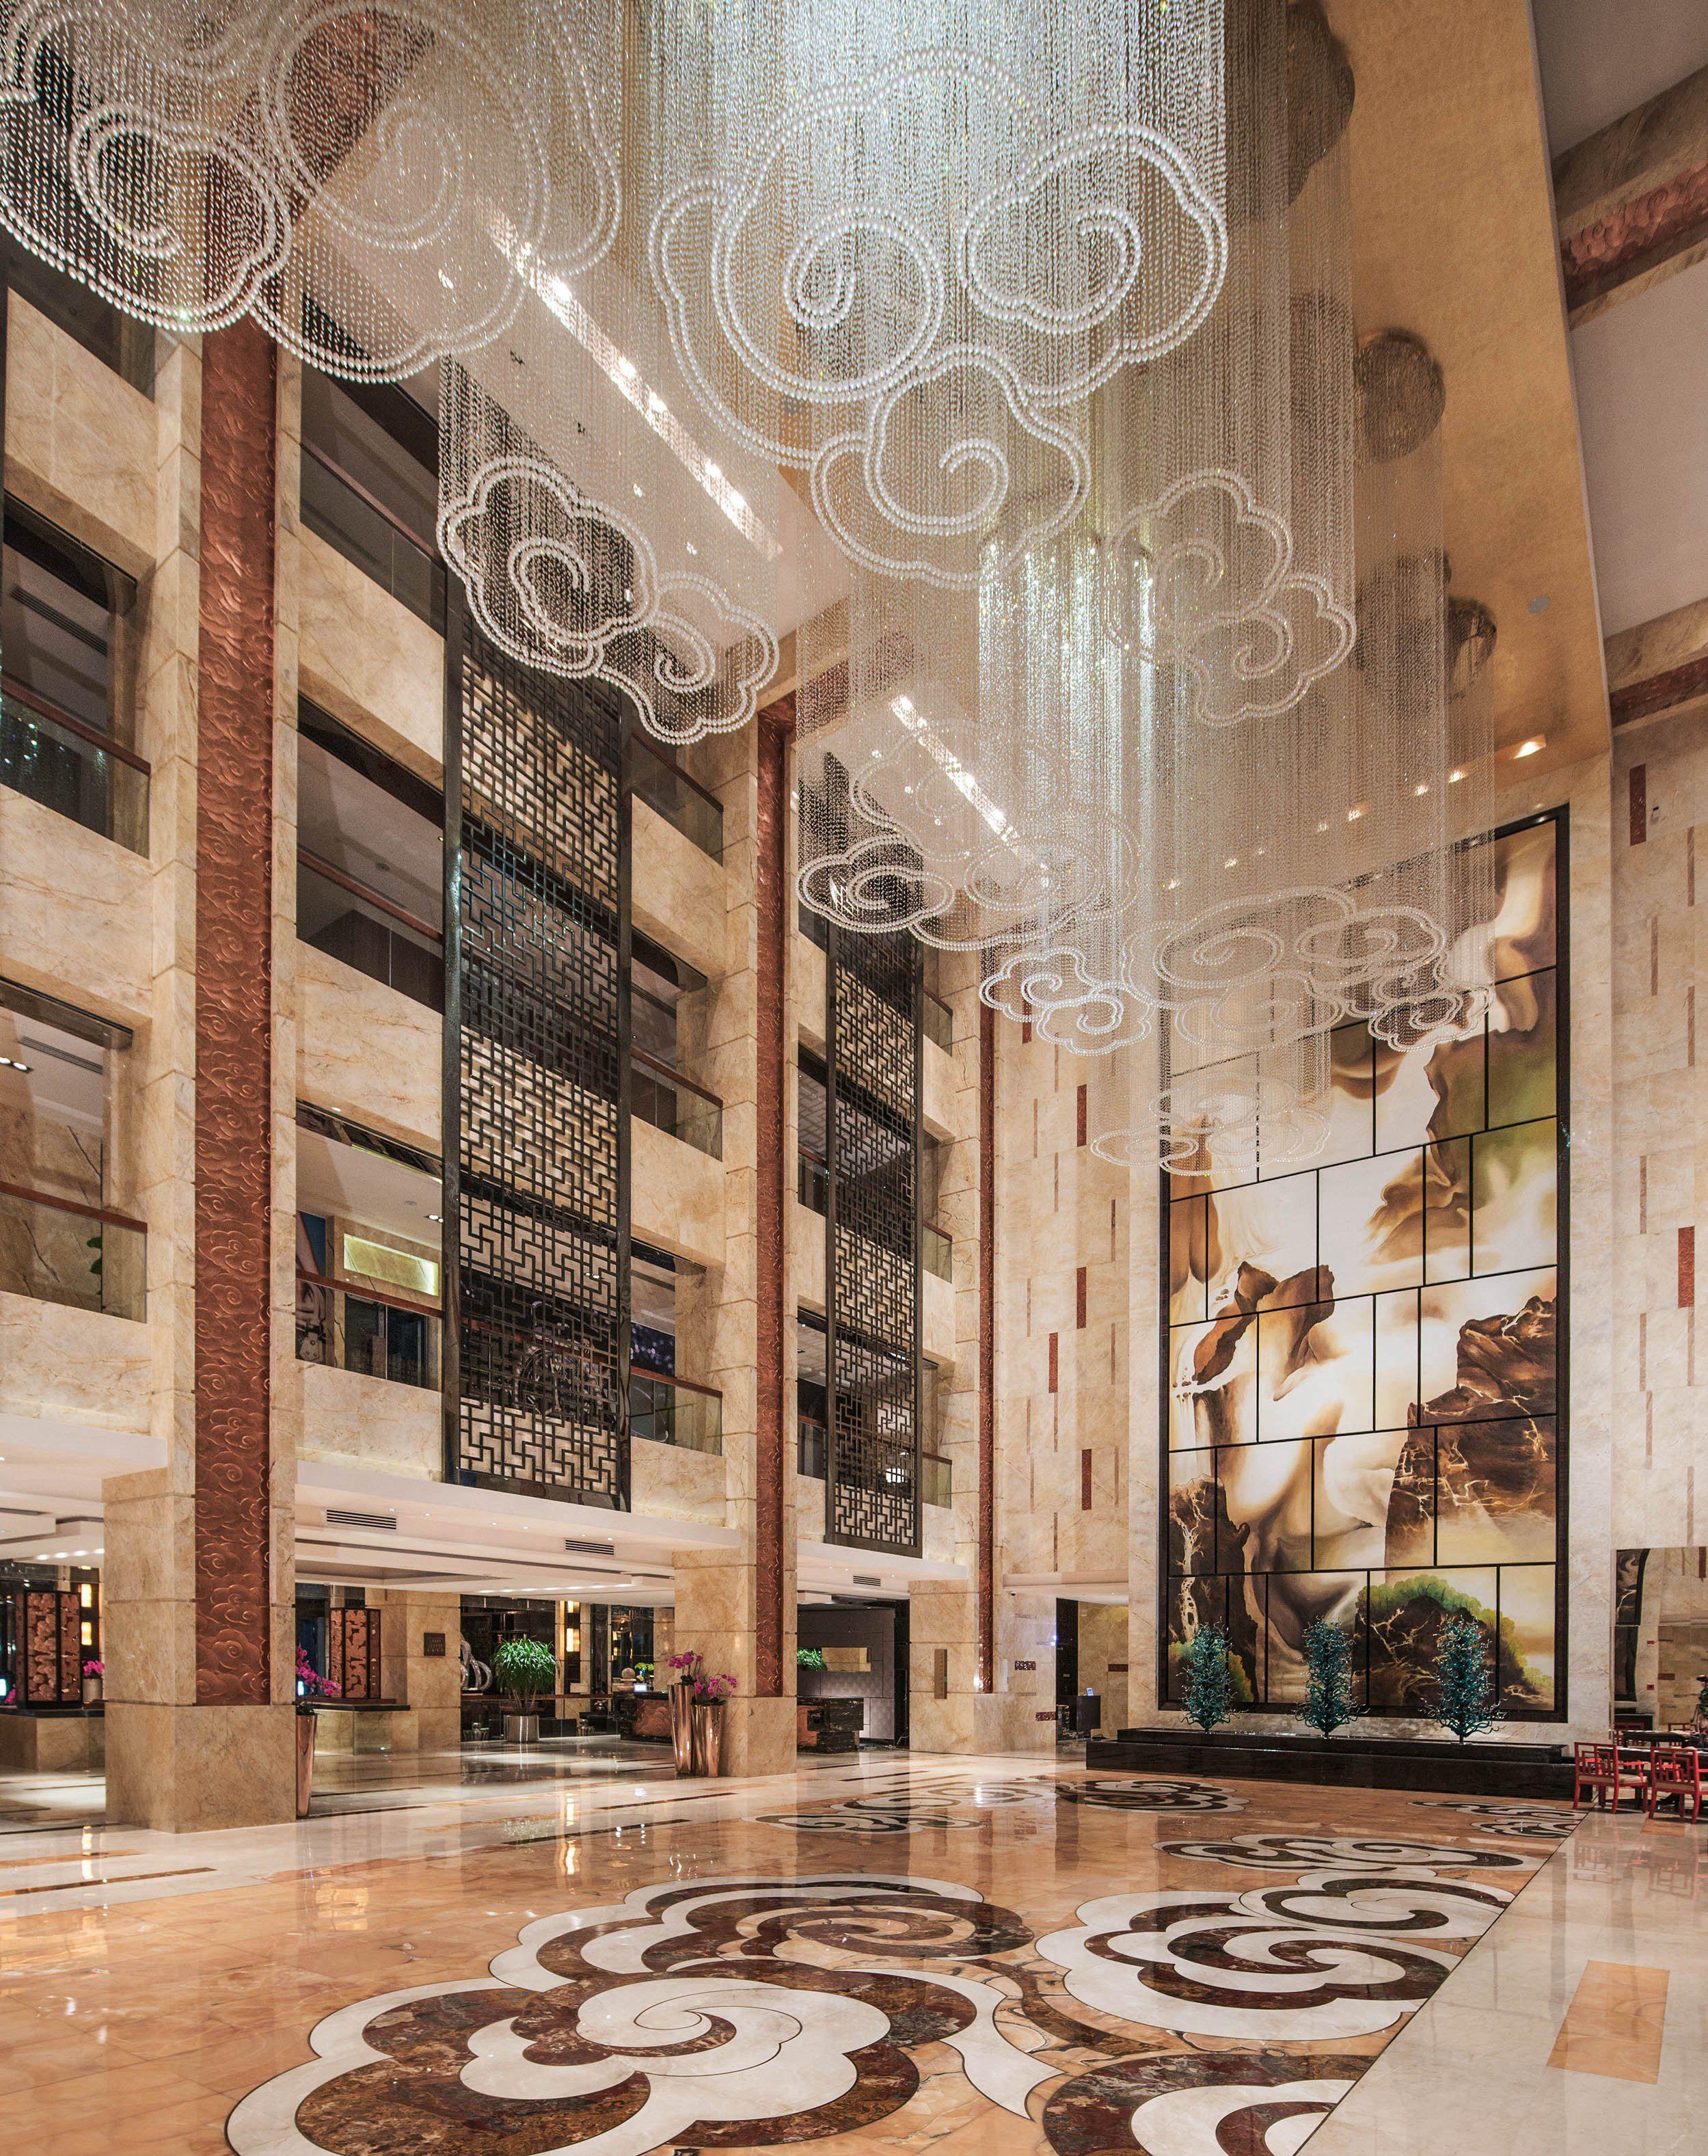 酒店家具选择时一定要以整个酒店文化环境需要为依据